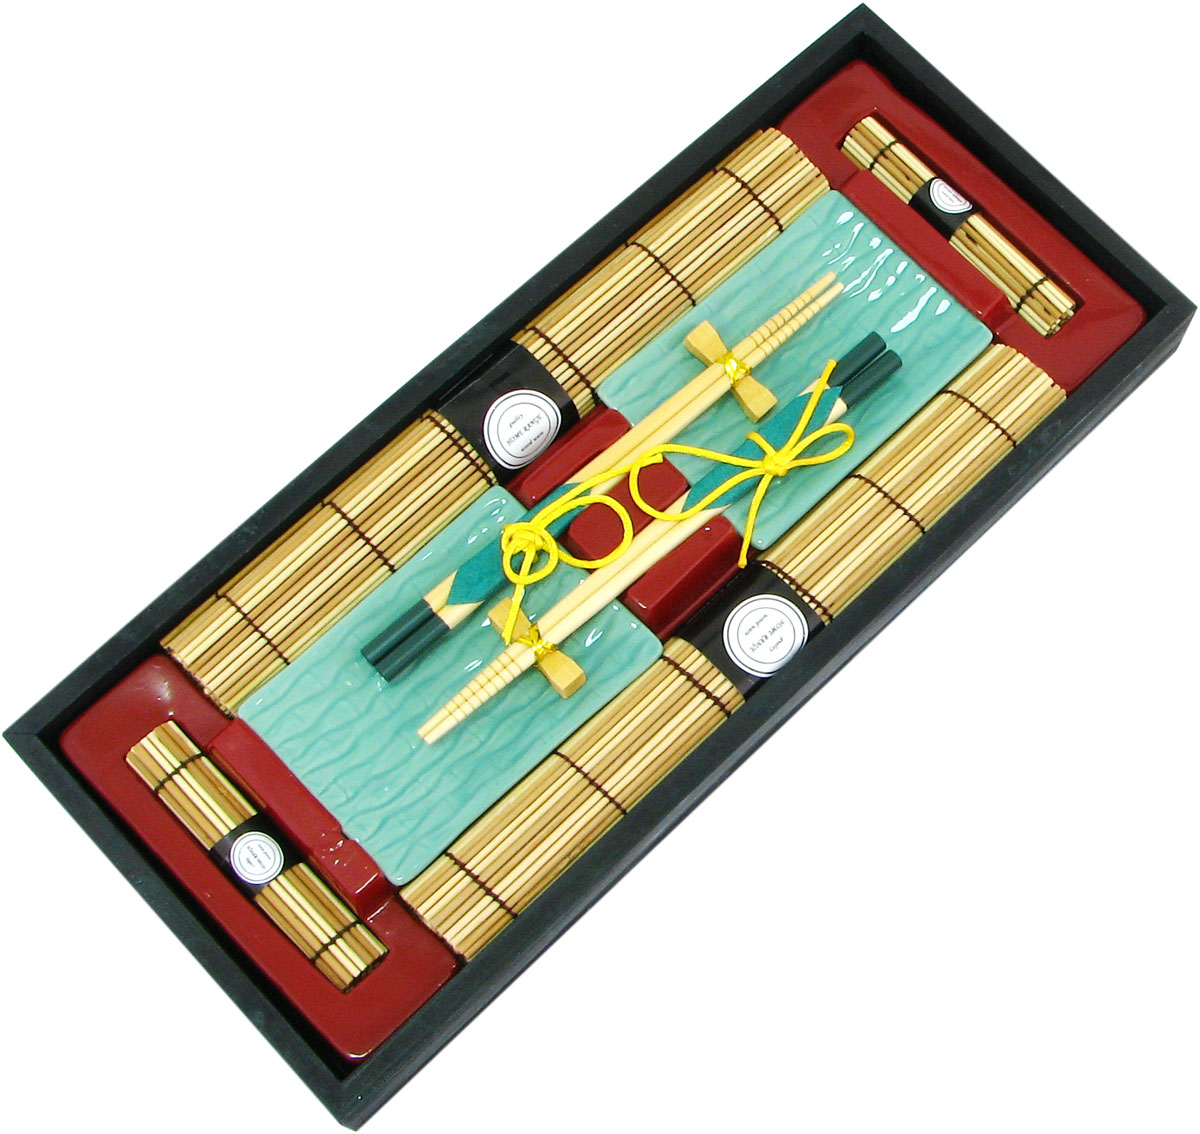 Набор для суши, цвет: бирюзовый, бежевый, 10 предметов набор для суши цвет красный черный коричневый 10 предметов